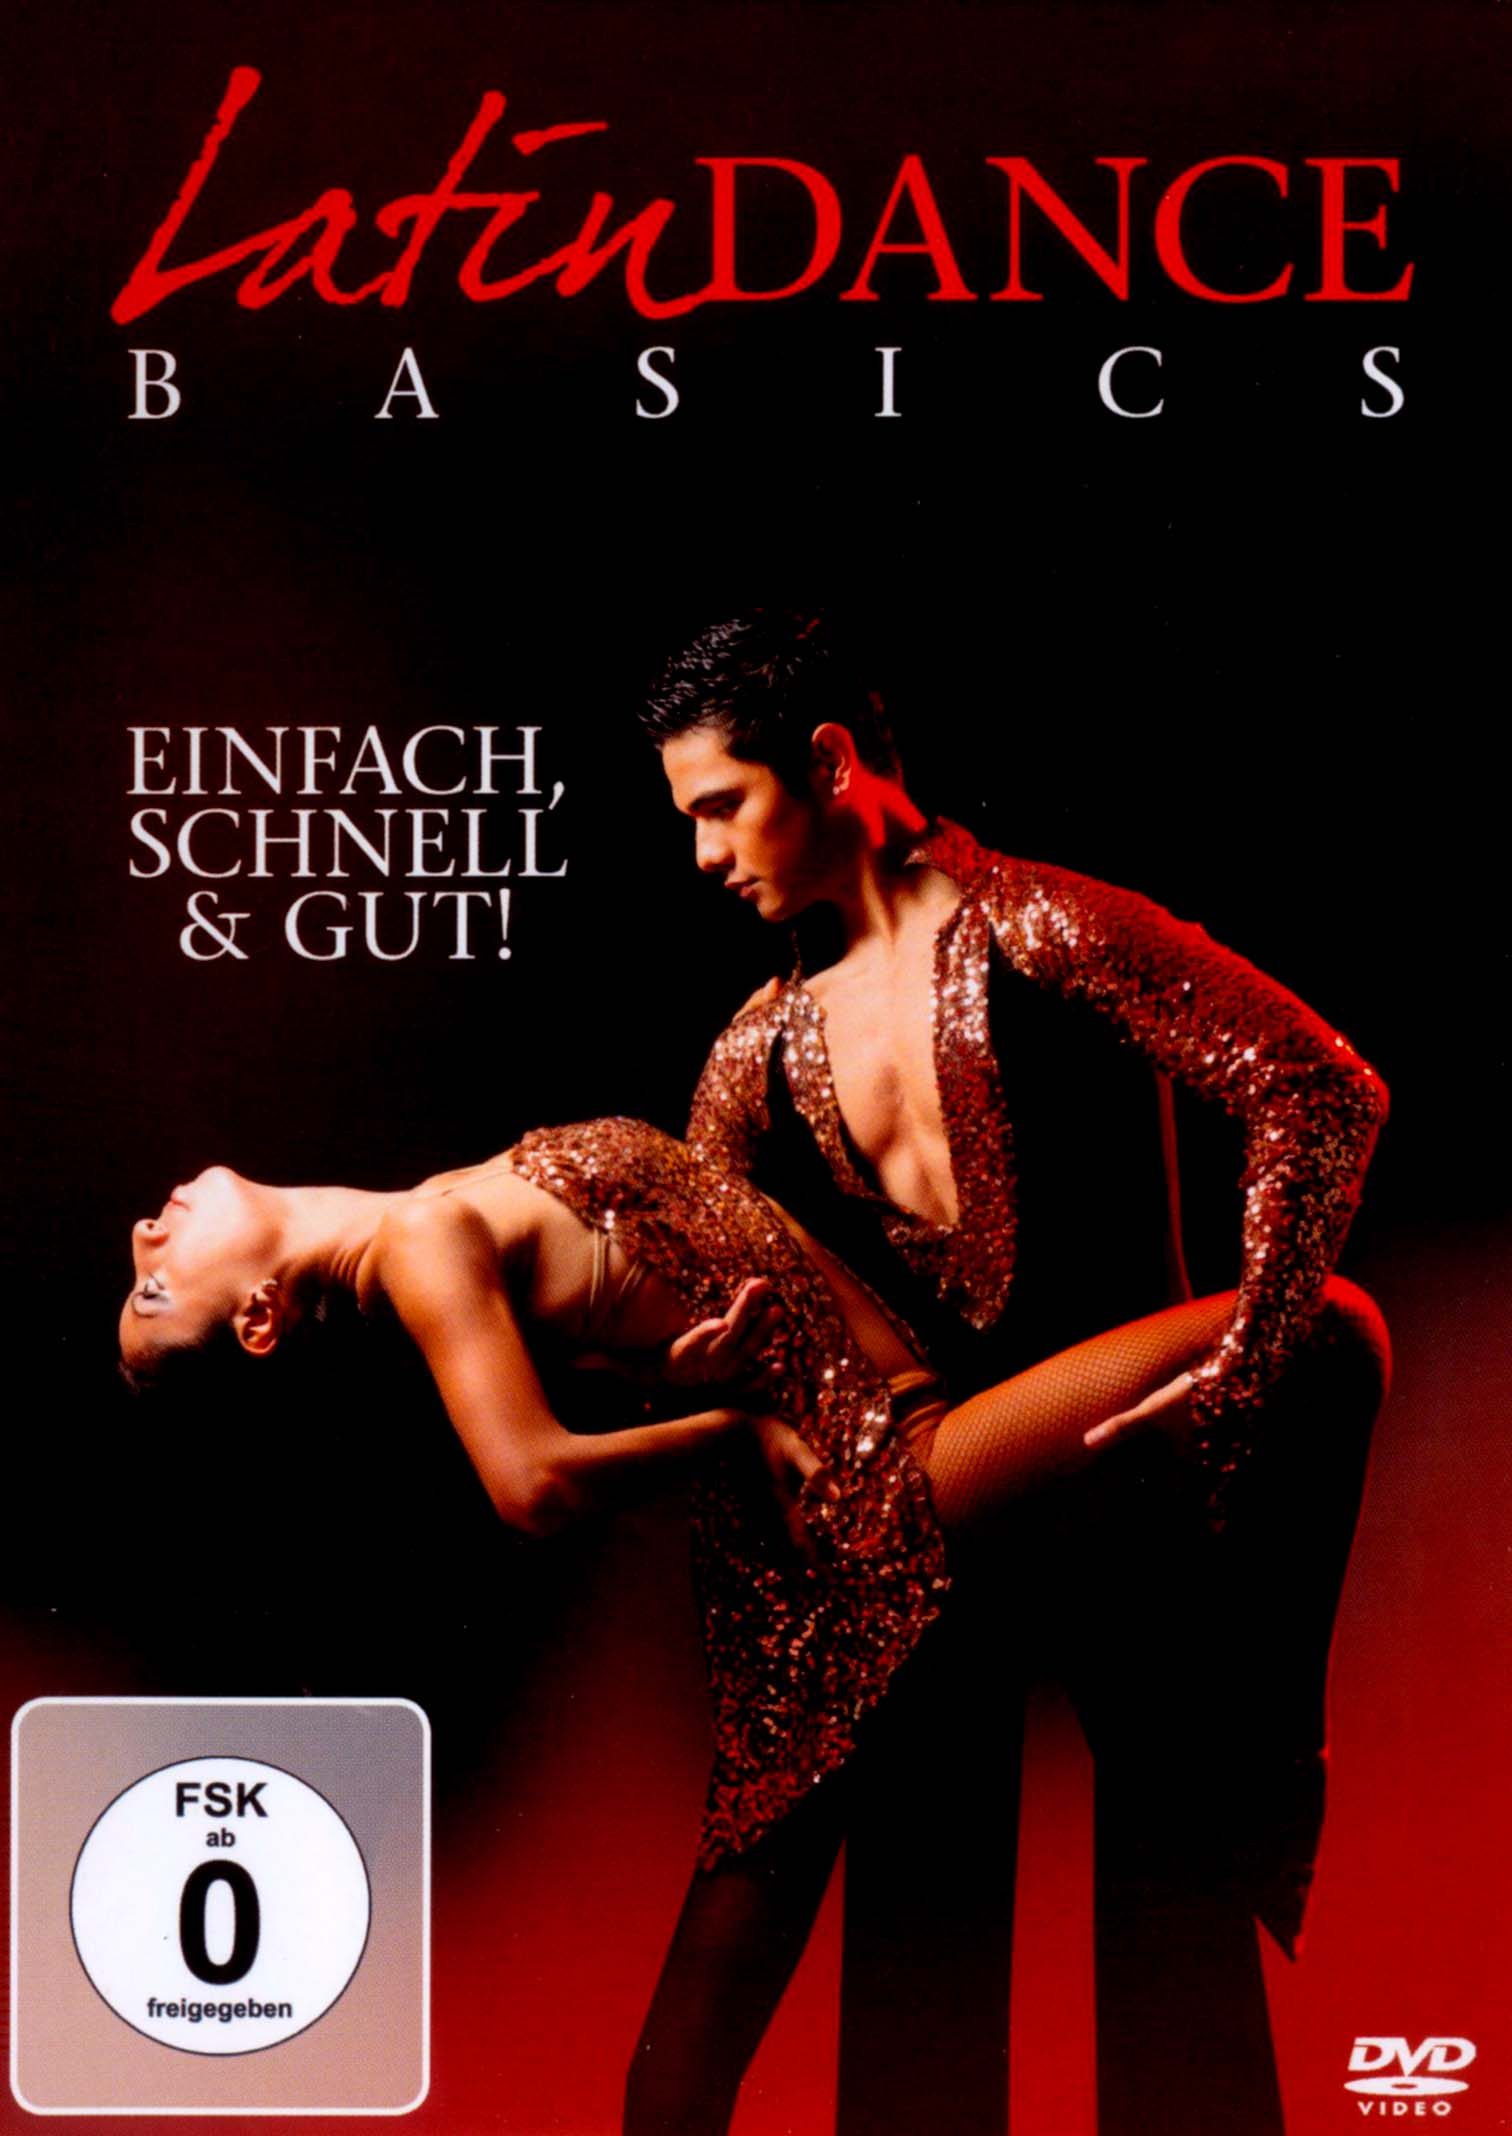 Latin Dance Basics - Einfach, Schnell & Gut!